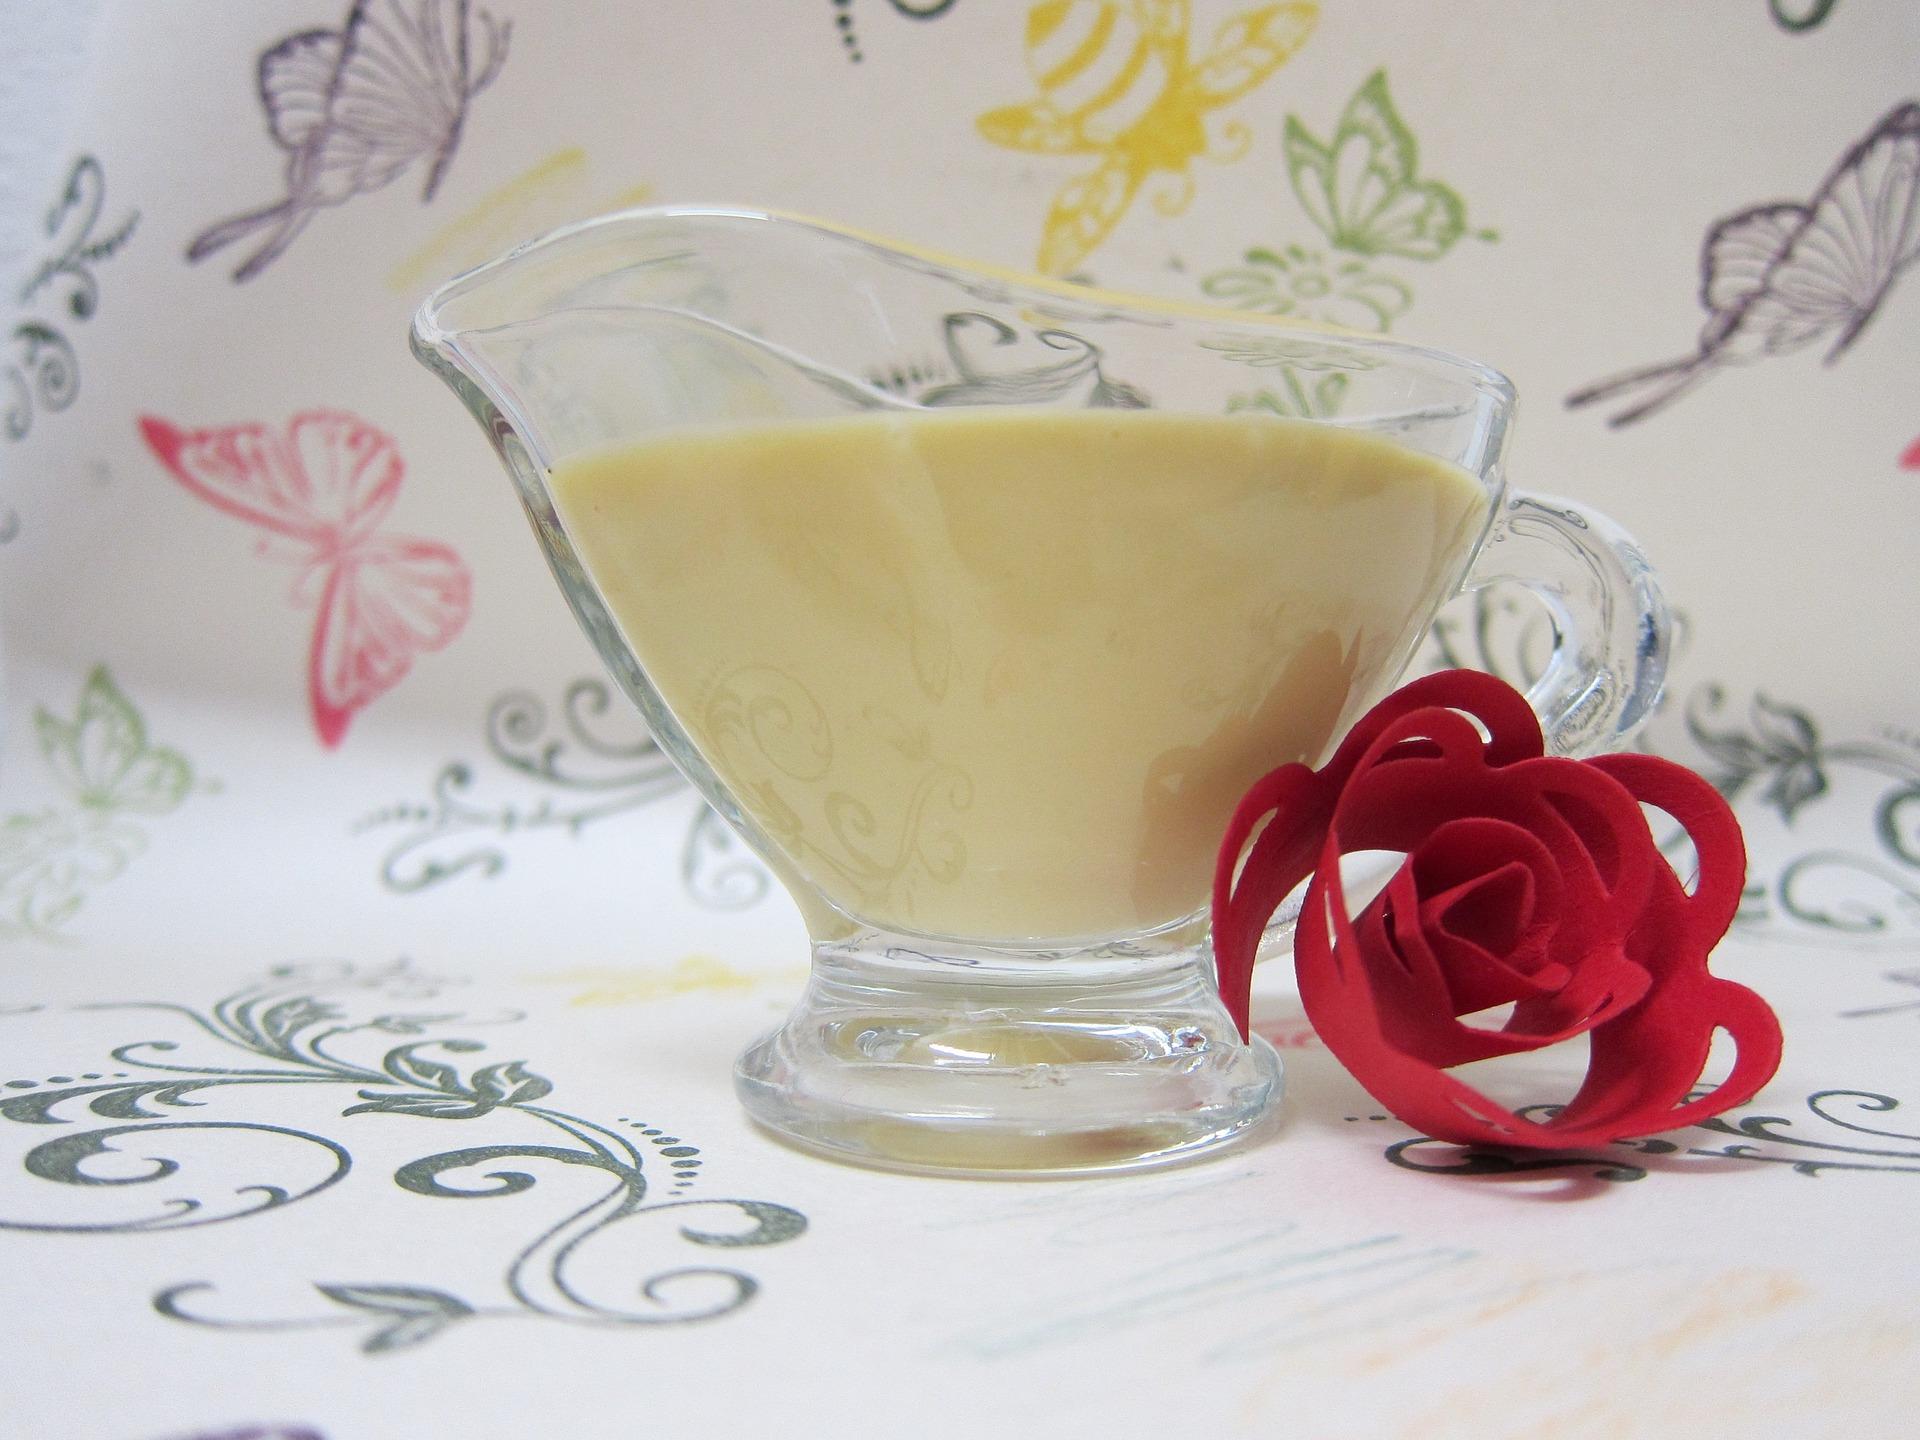 Các bước tắm trắng bằng mật ong và sữa chua không đường